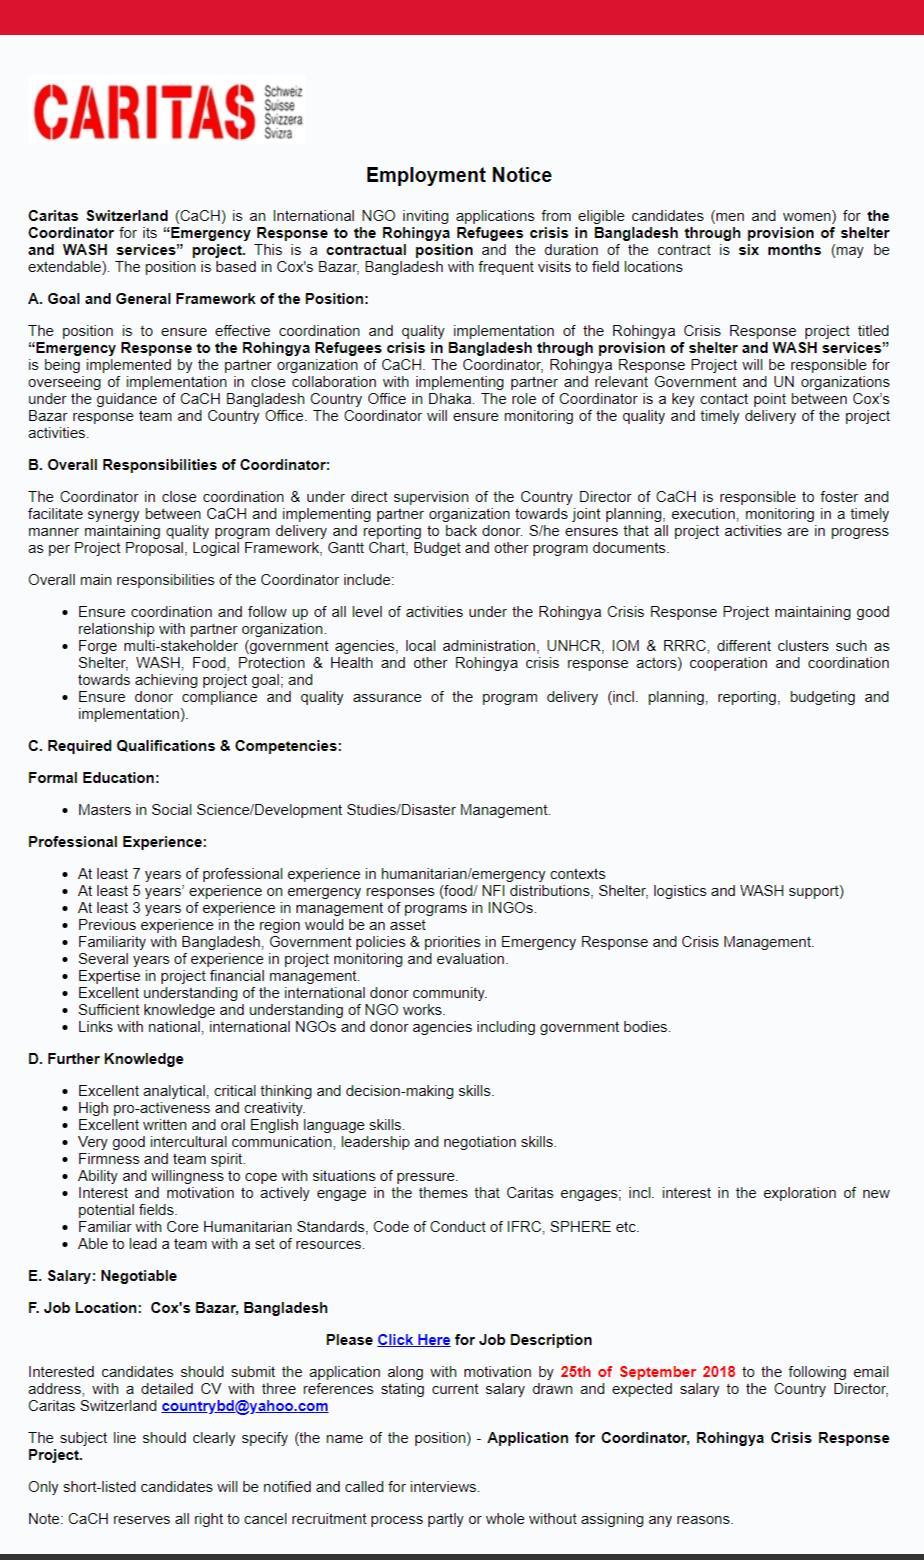 Caritas Switzerland Job Circular